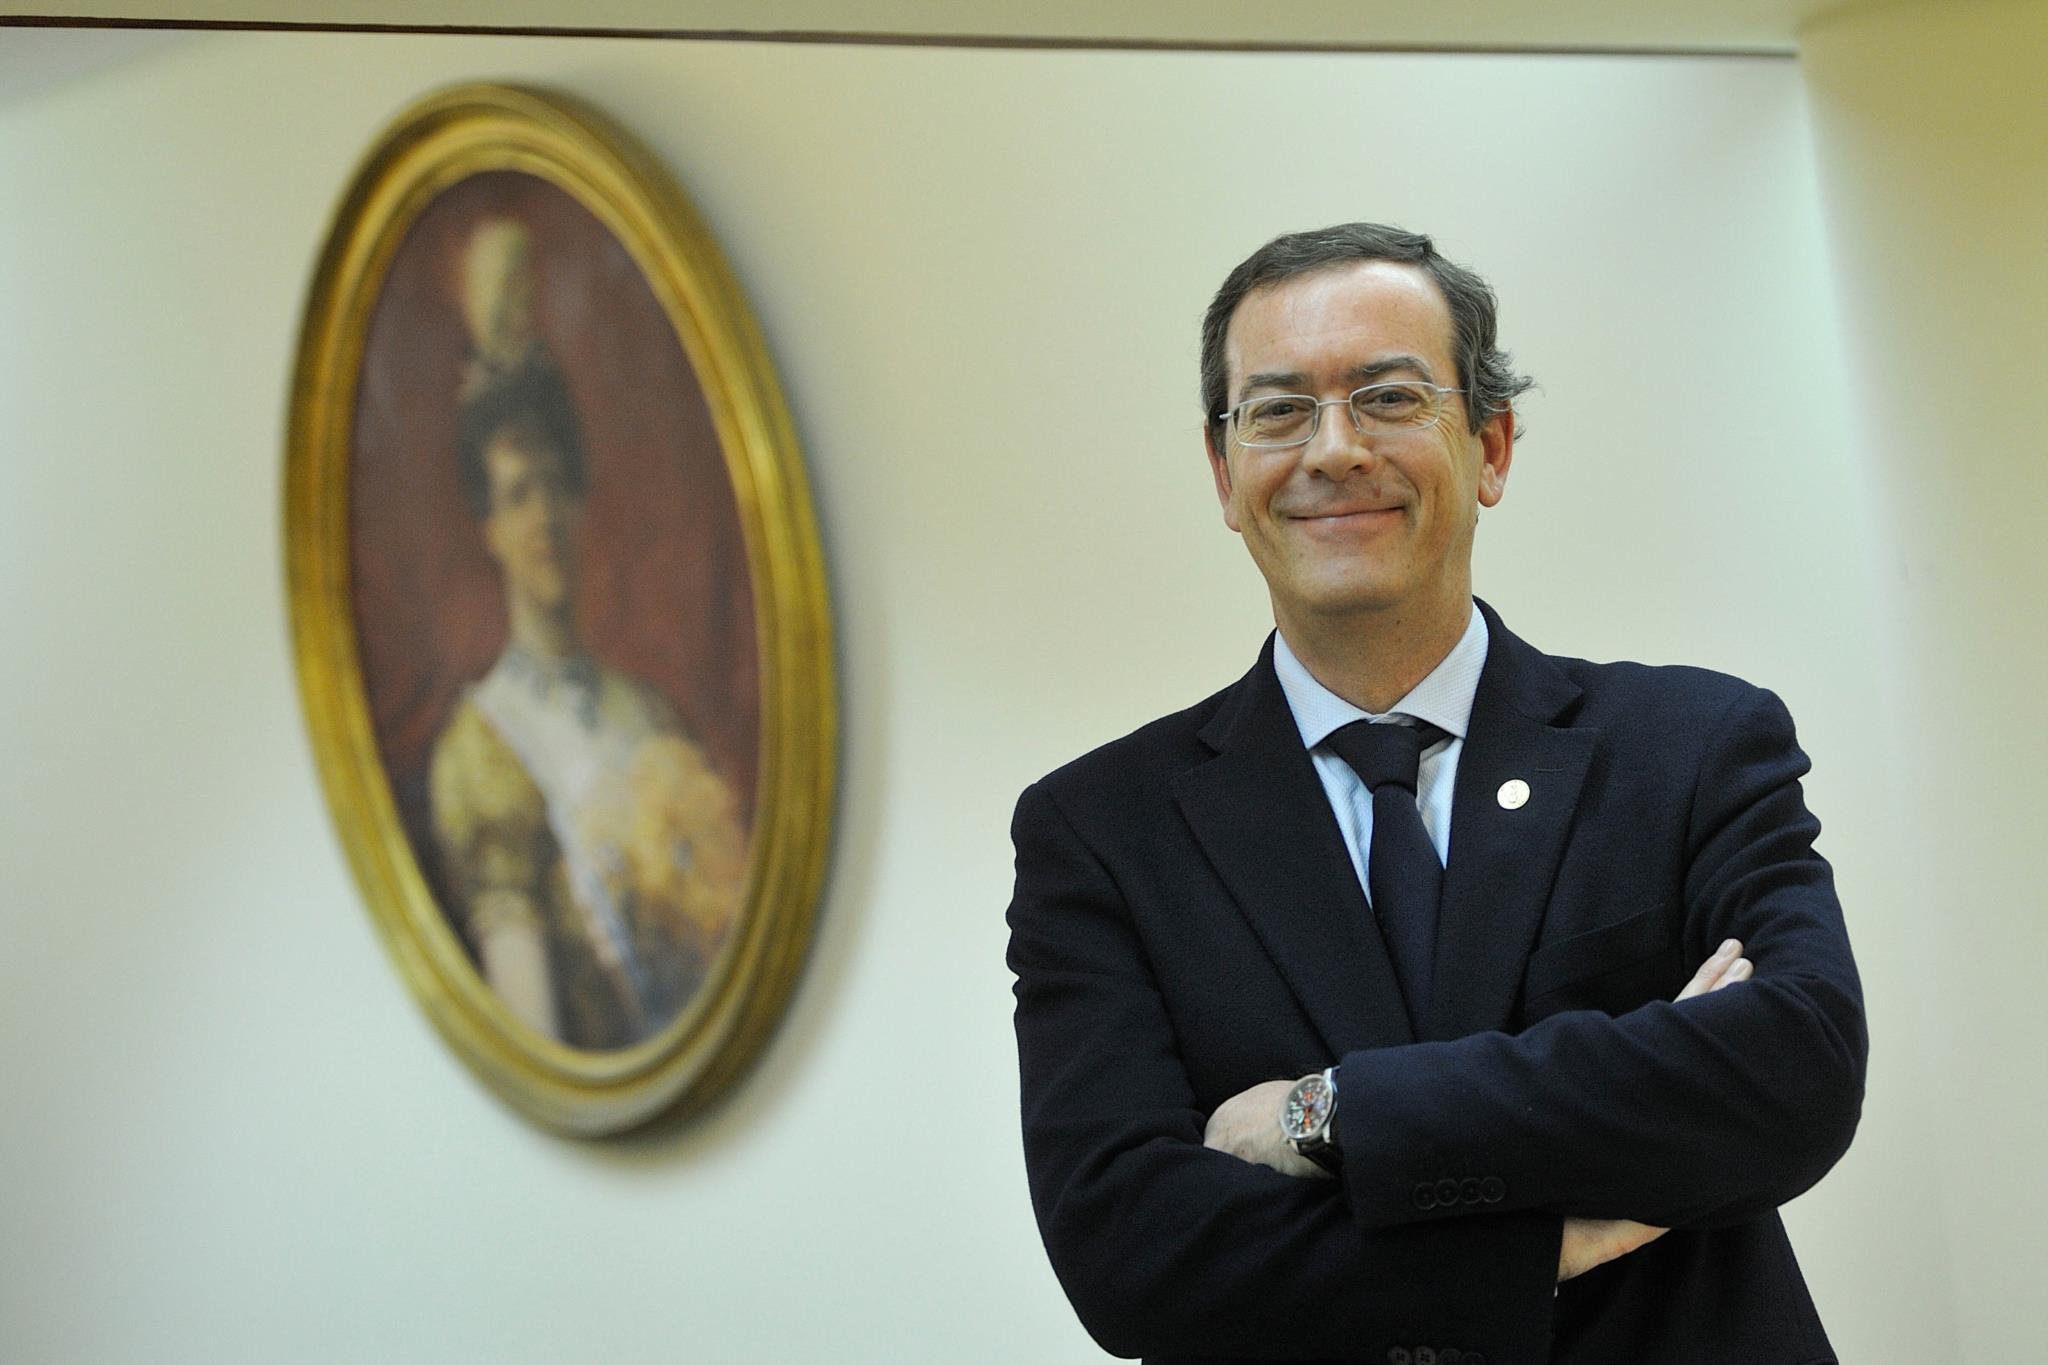 PÚBLICO - Miguel Guimarães é o novo bastonário da Ordem dos Médicos